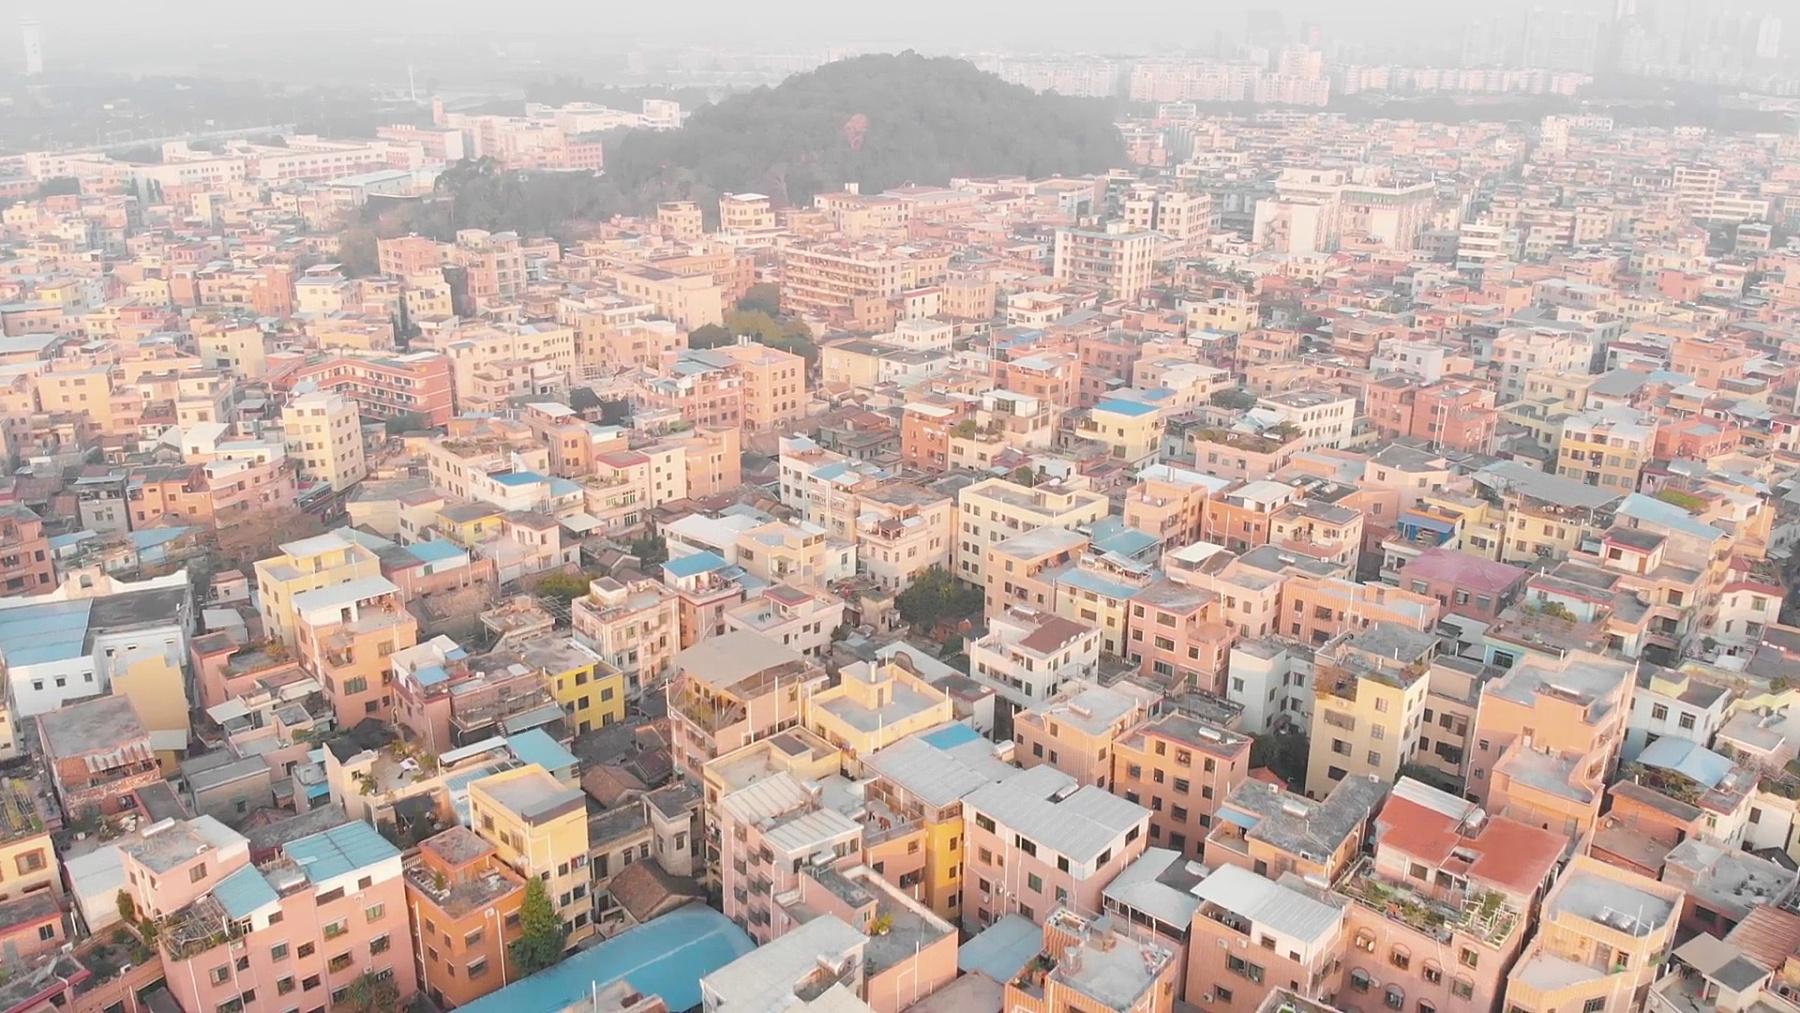 飞过人口稠密的中国地区。典型的中国建筑。中国广州